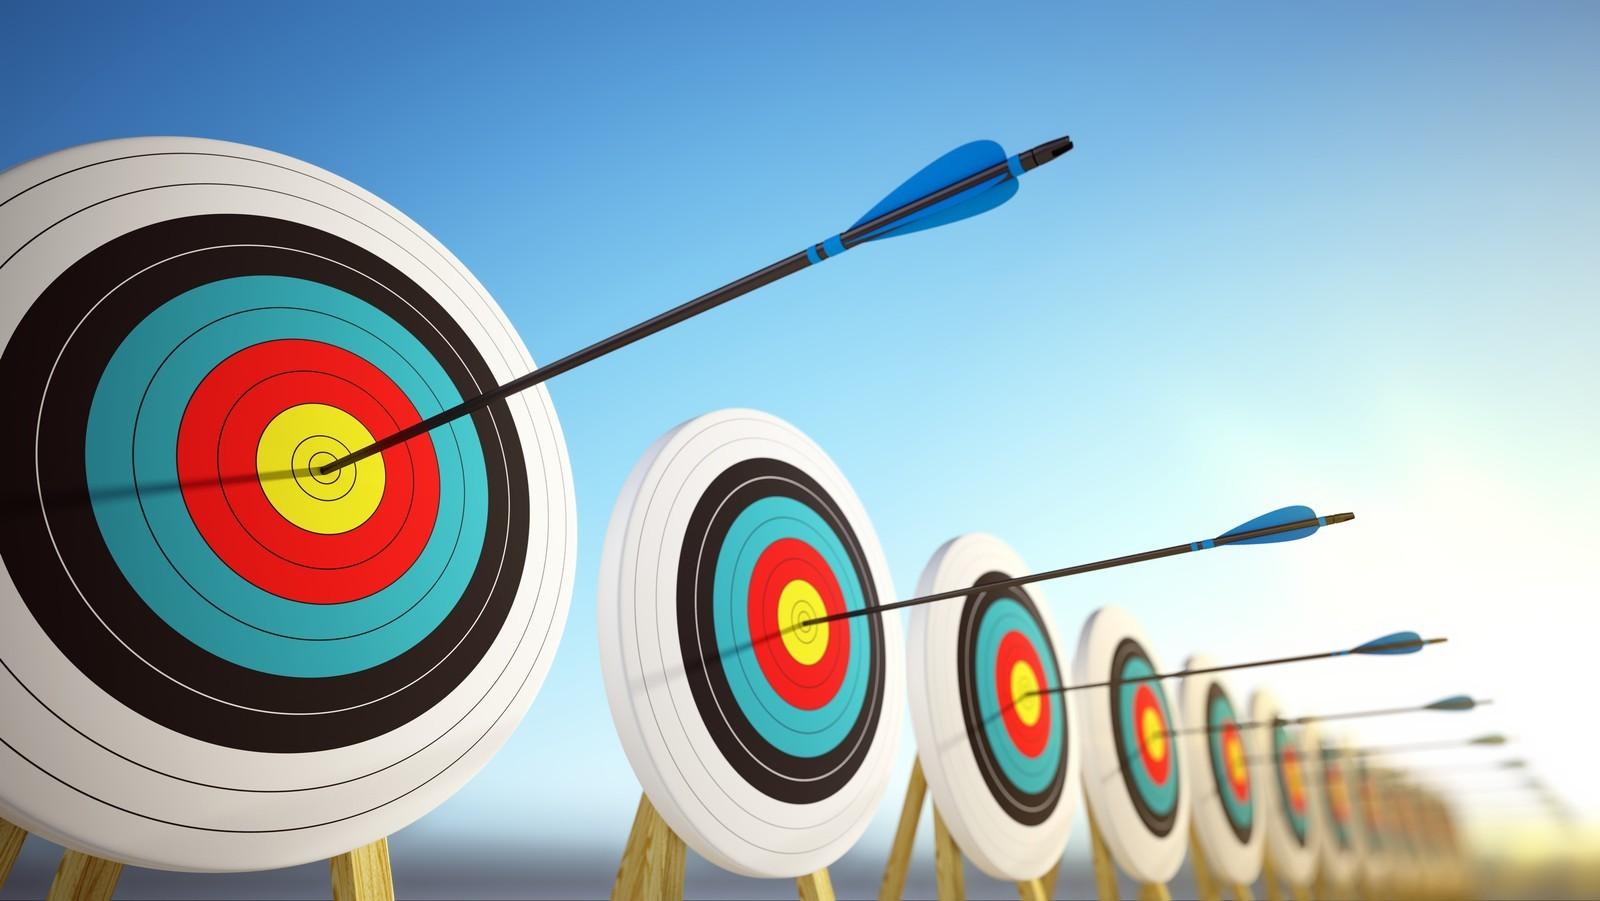 Bei einer Betriebsprüfung prüft das Finanzamt vor allem die Bereiche, in denen es mit Nachzahlungen rechnet.